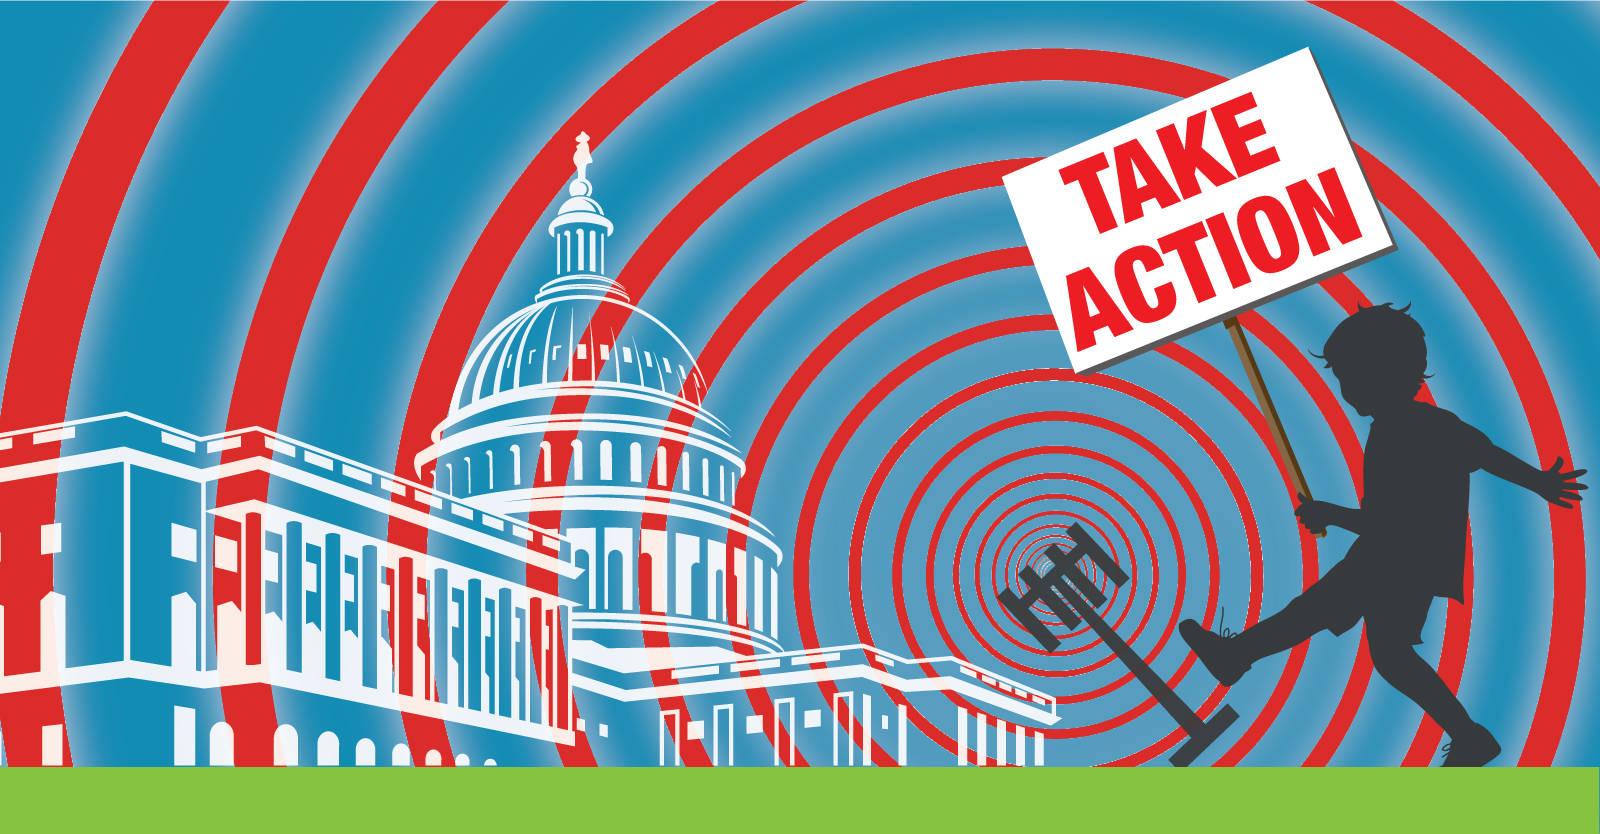 aktie-alarm!-laat-uw-verkozen-ambtenaren-weten-over-chd's-historische-overwinning-in-5g-zaak